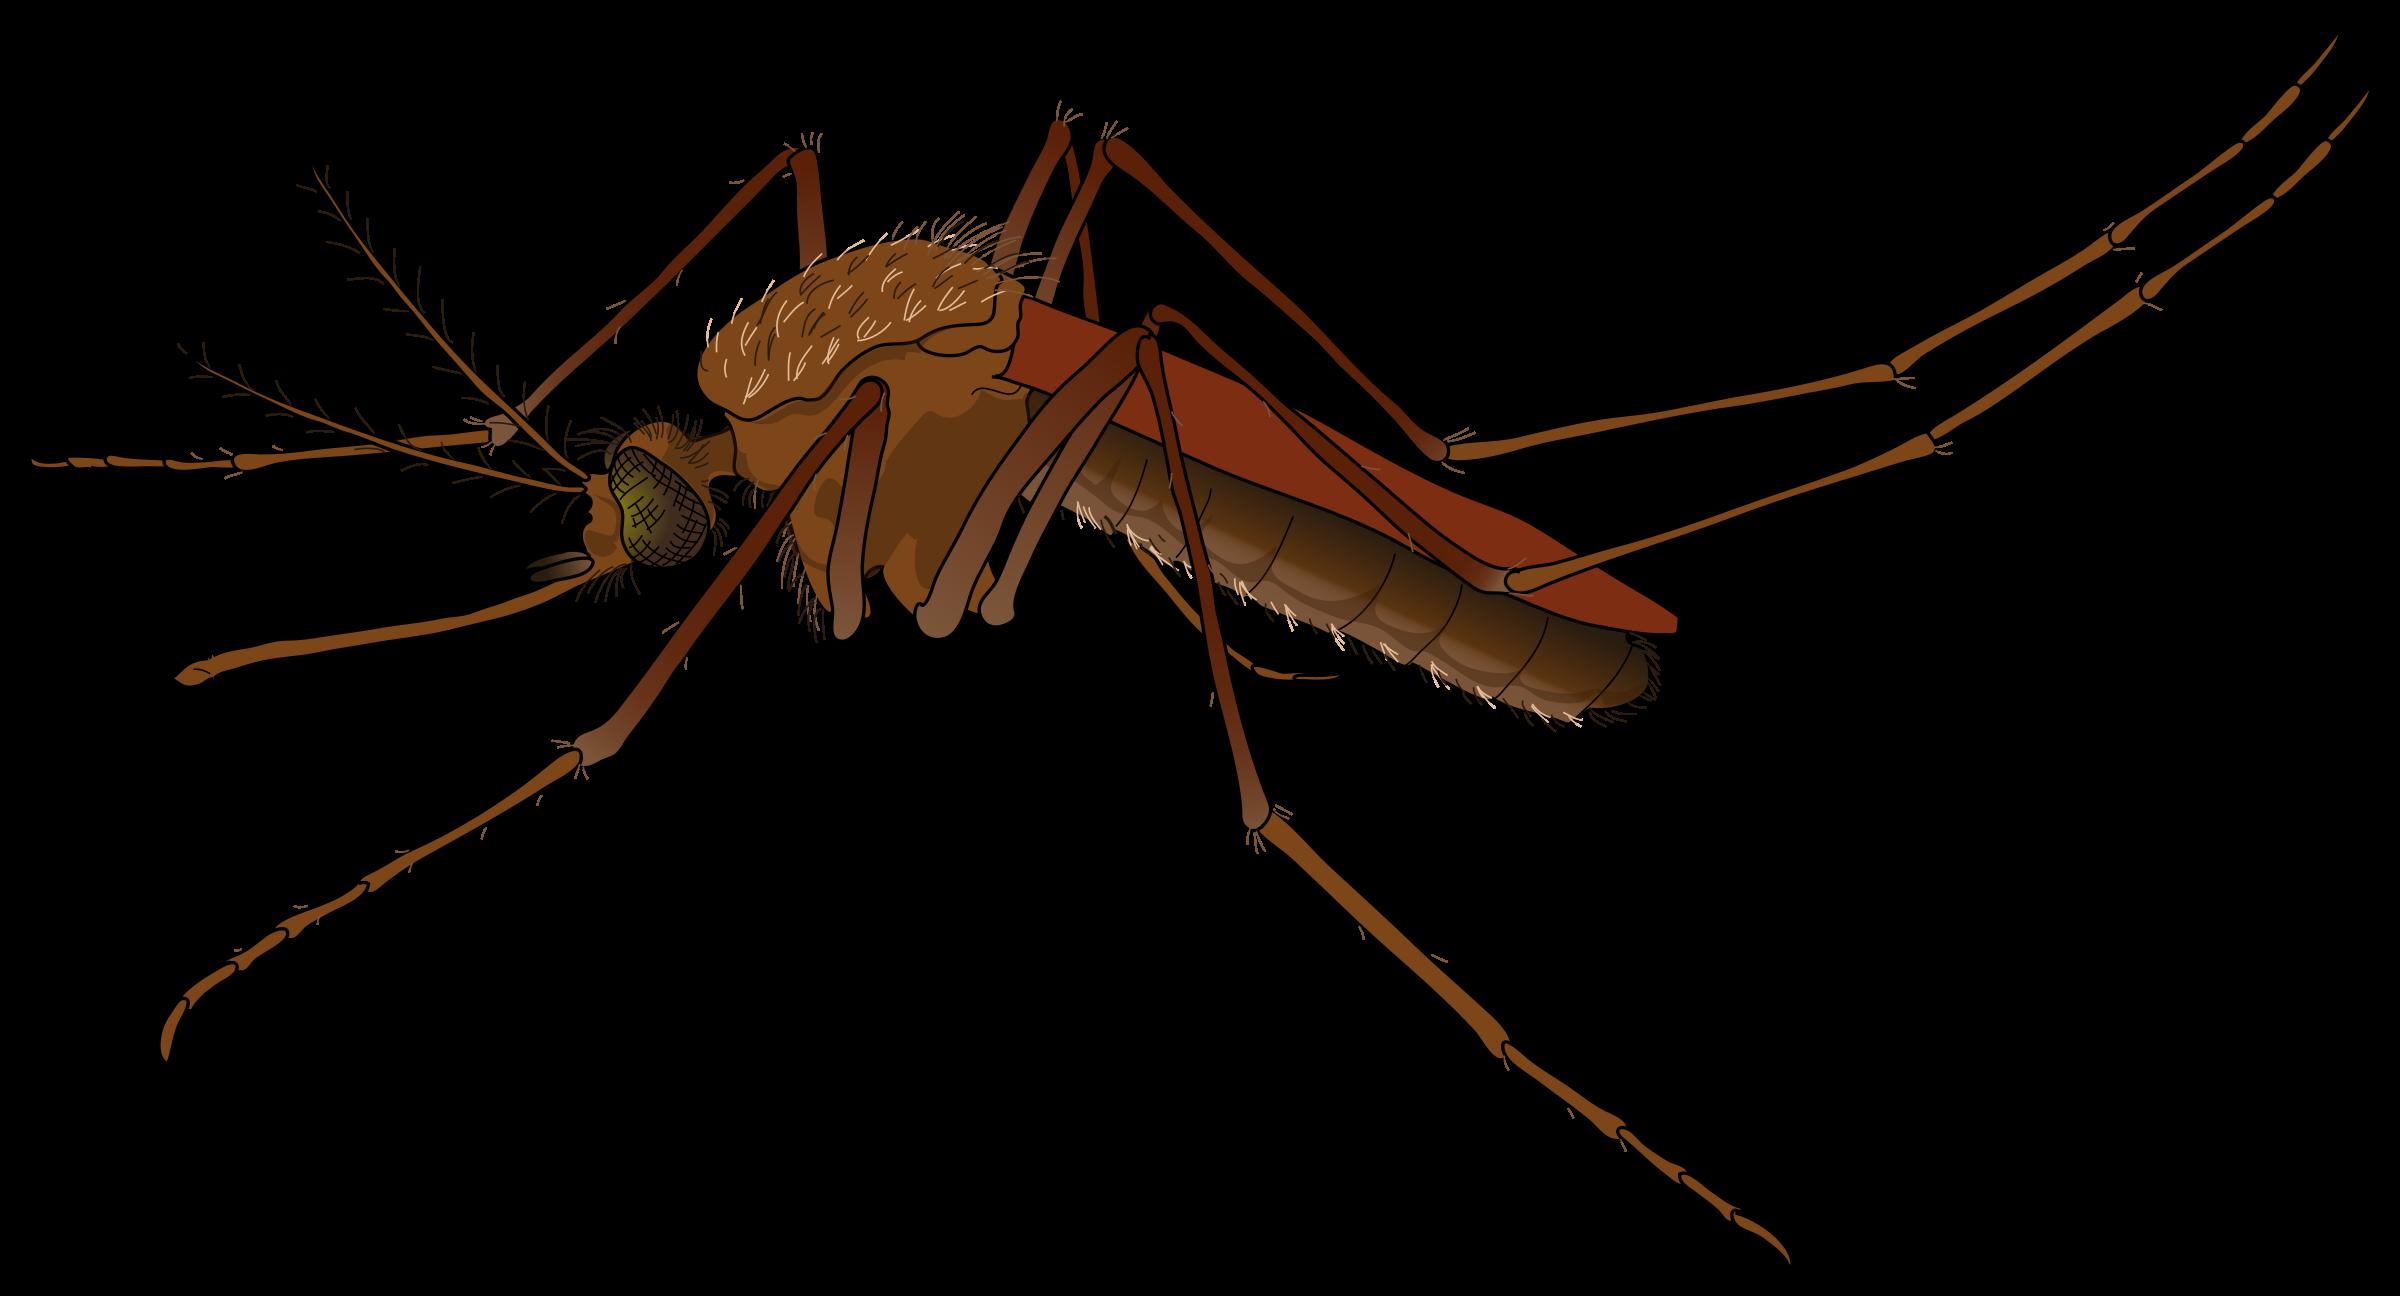 Mosquito clipart zika Virus Clipart Zika Zika Virus